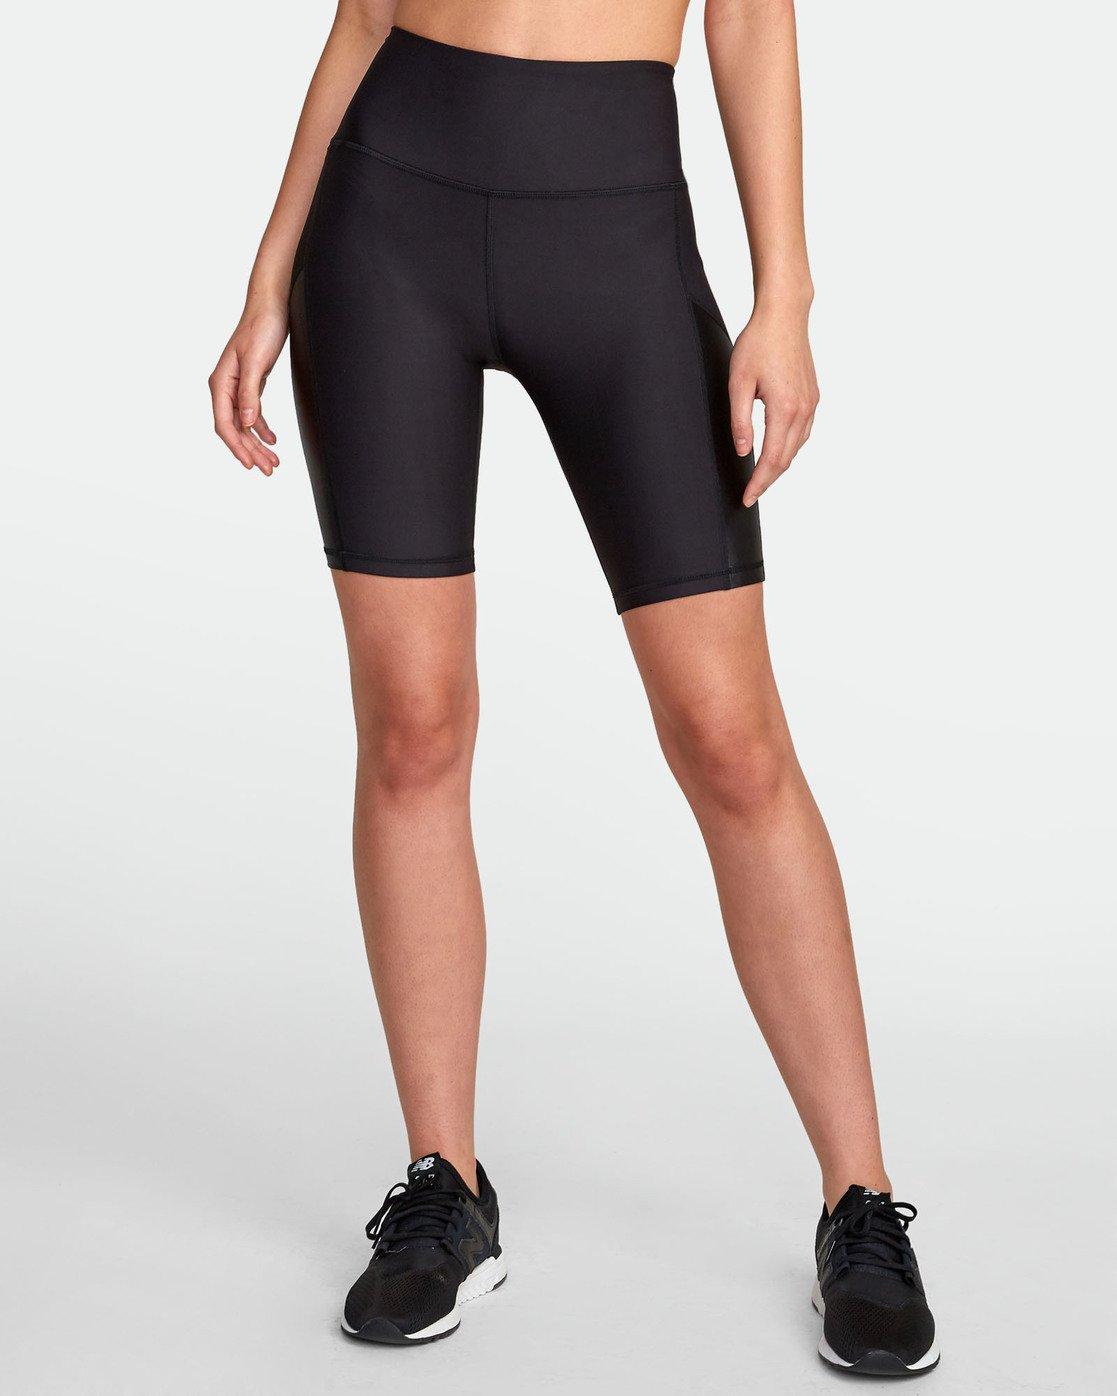 0 VA Di Shorts II Black R407877 RVCA